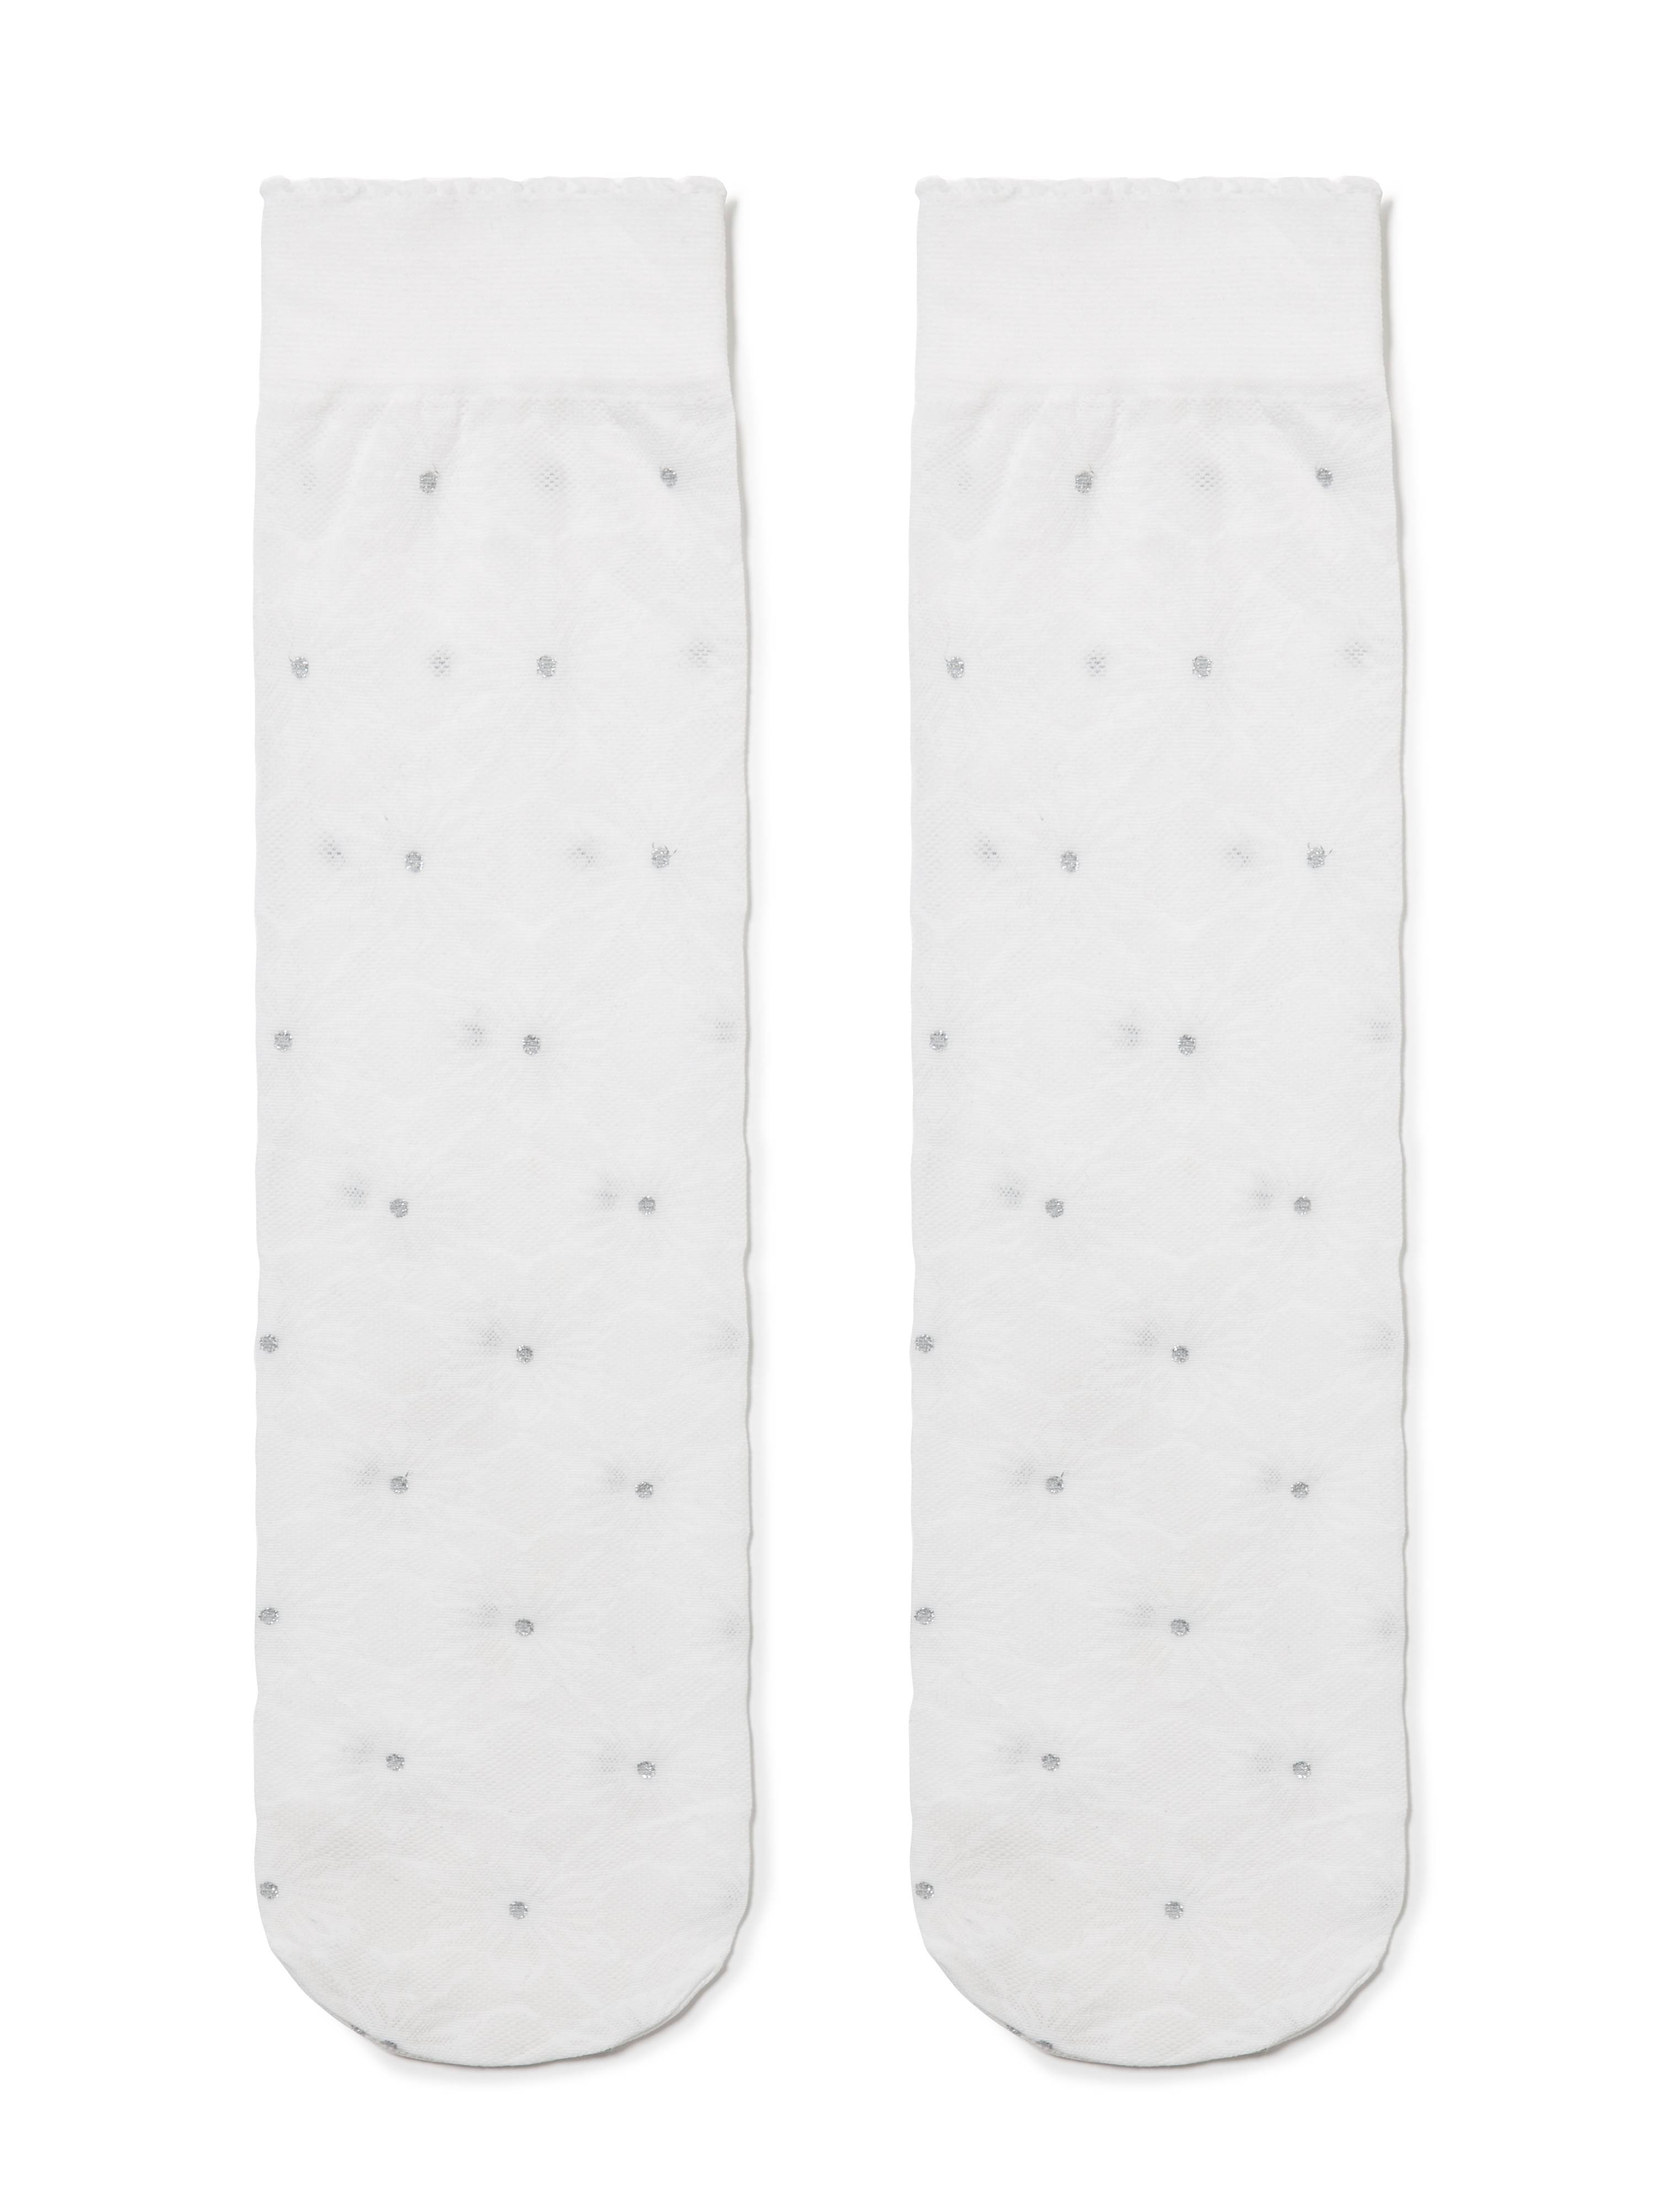 Гольфы для девочек нарядные ⭐️ Гольфы с люрексом и снежинками ©Disney Frozen 20 ⭐️